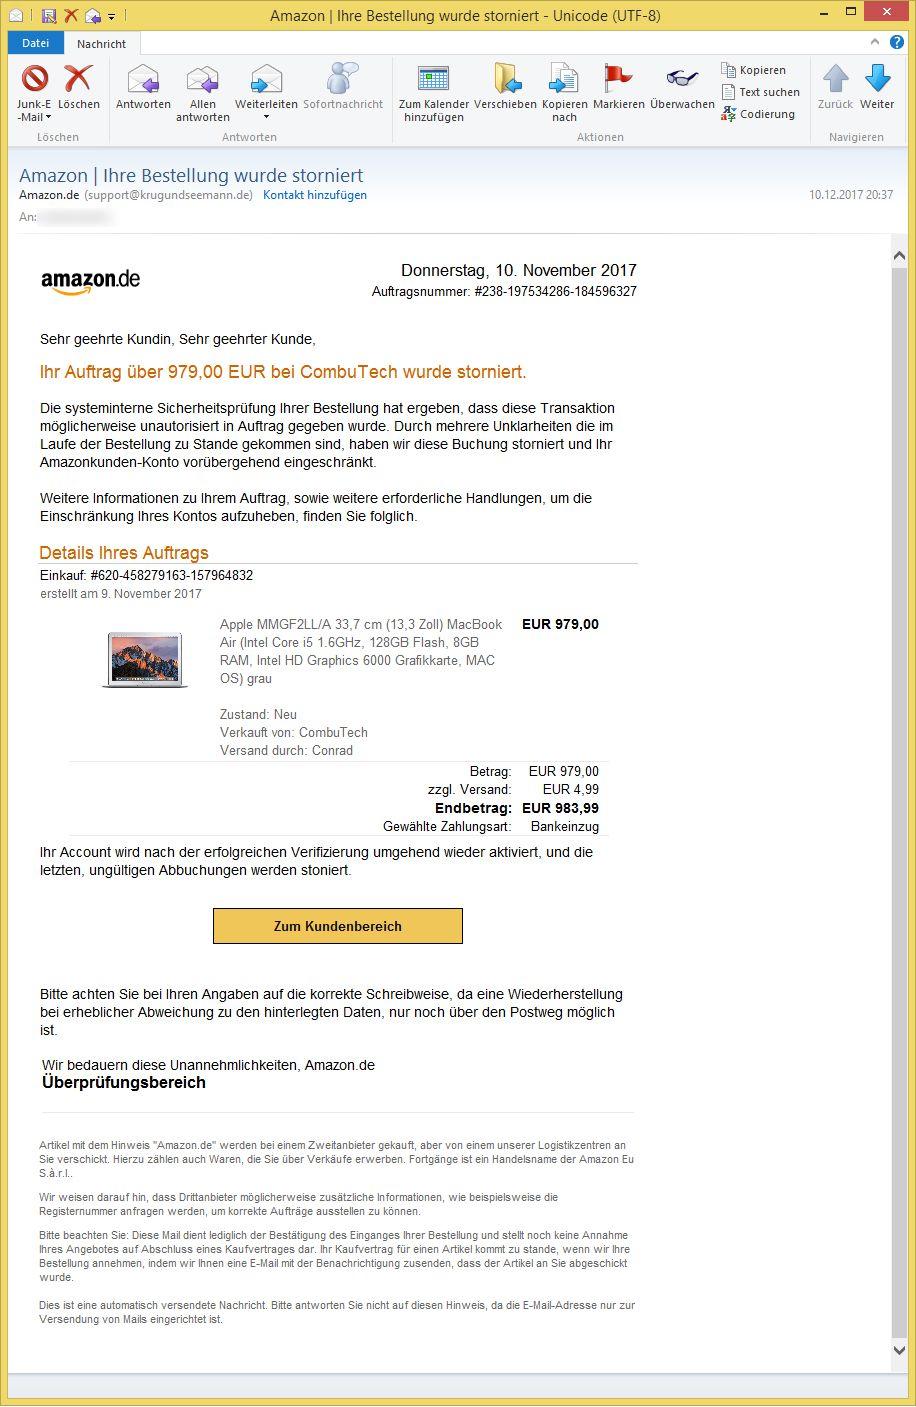 Amazon Ihre Bestellung Wurde Storniert